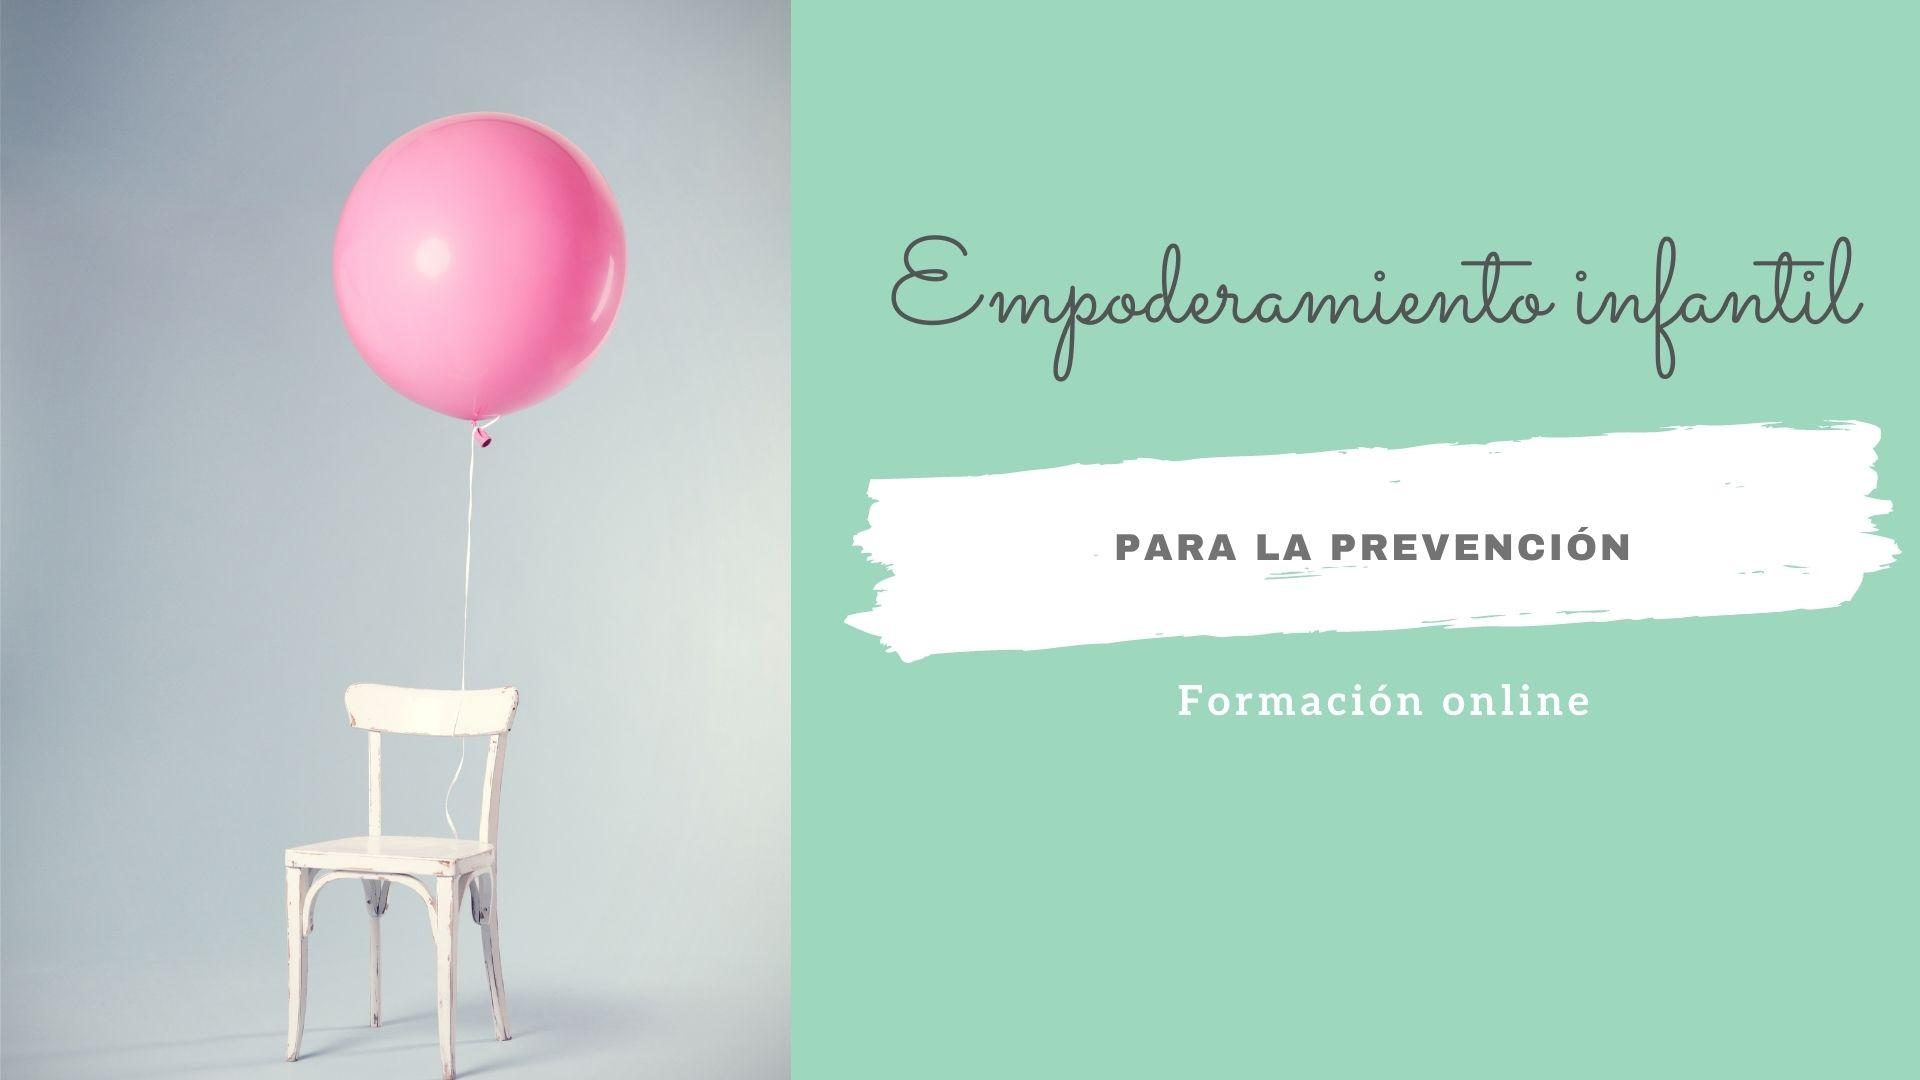 Empoderamiento infantil para la prevención